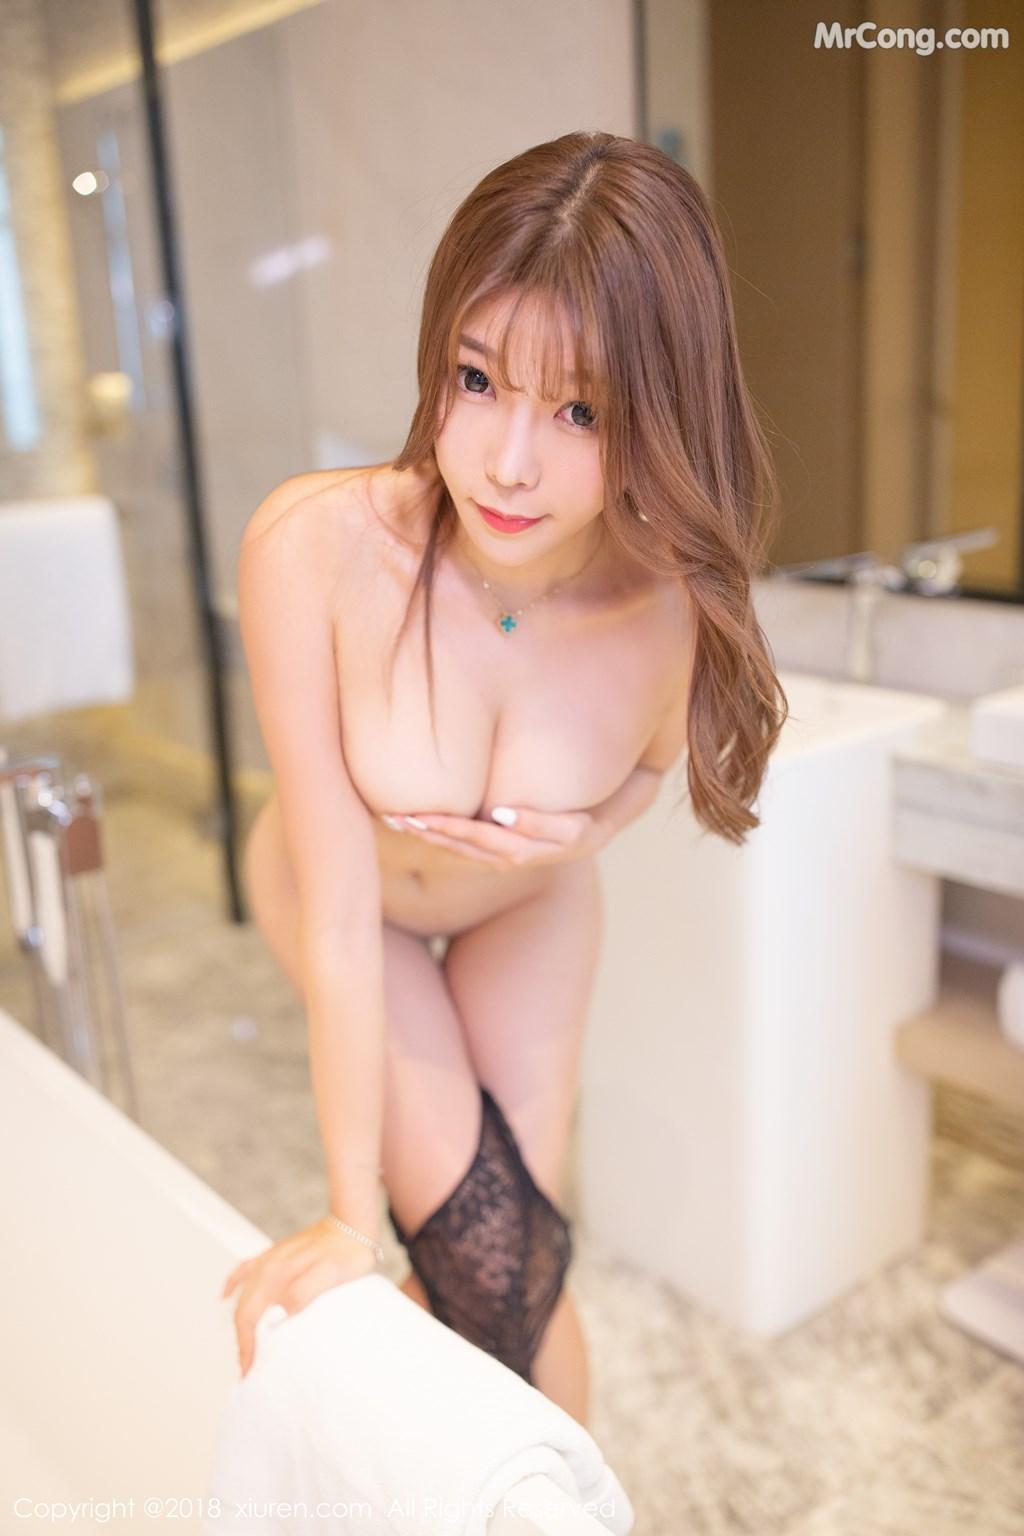 Image XIUREN-No.1278-Booty-Zhizhi-MrCong.com-005 in post XIUREN No.1278: Người mẫu Booty (44 ảnh)